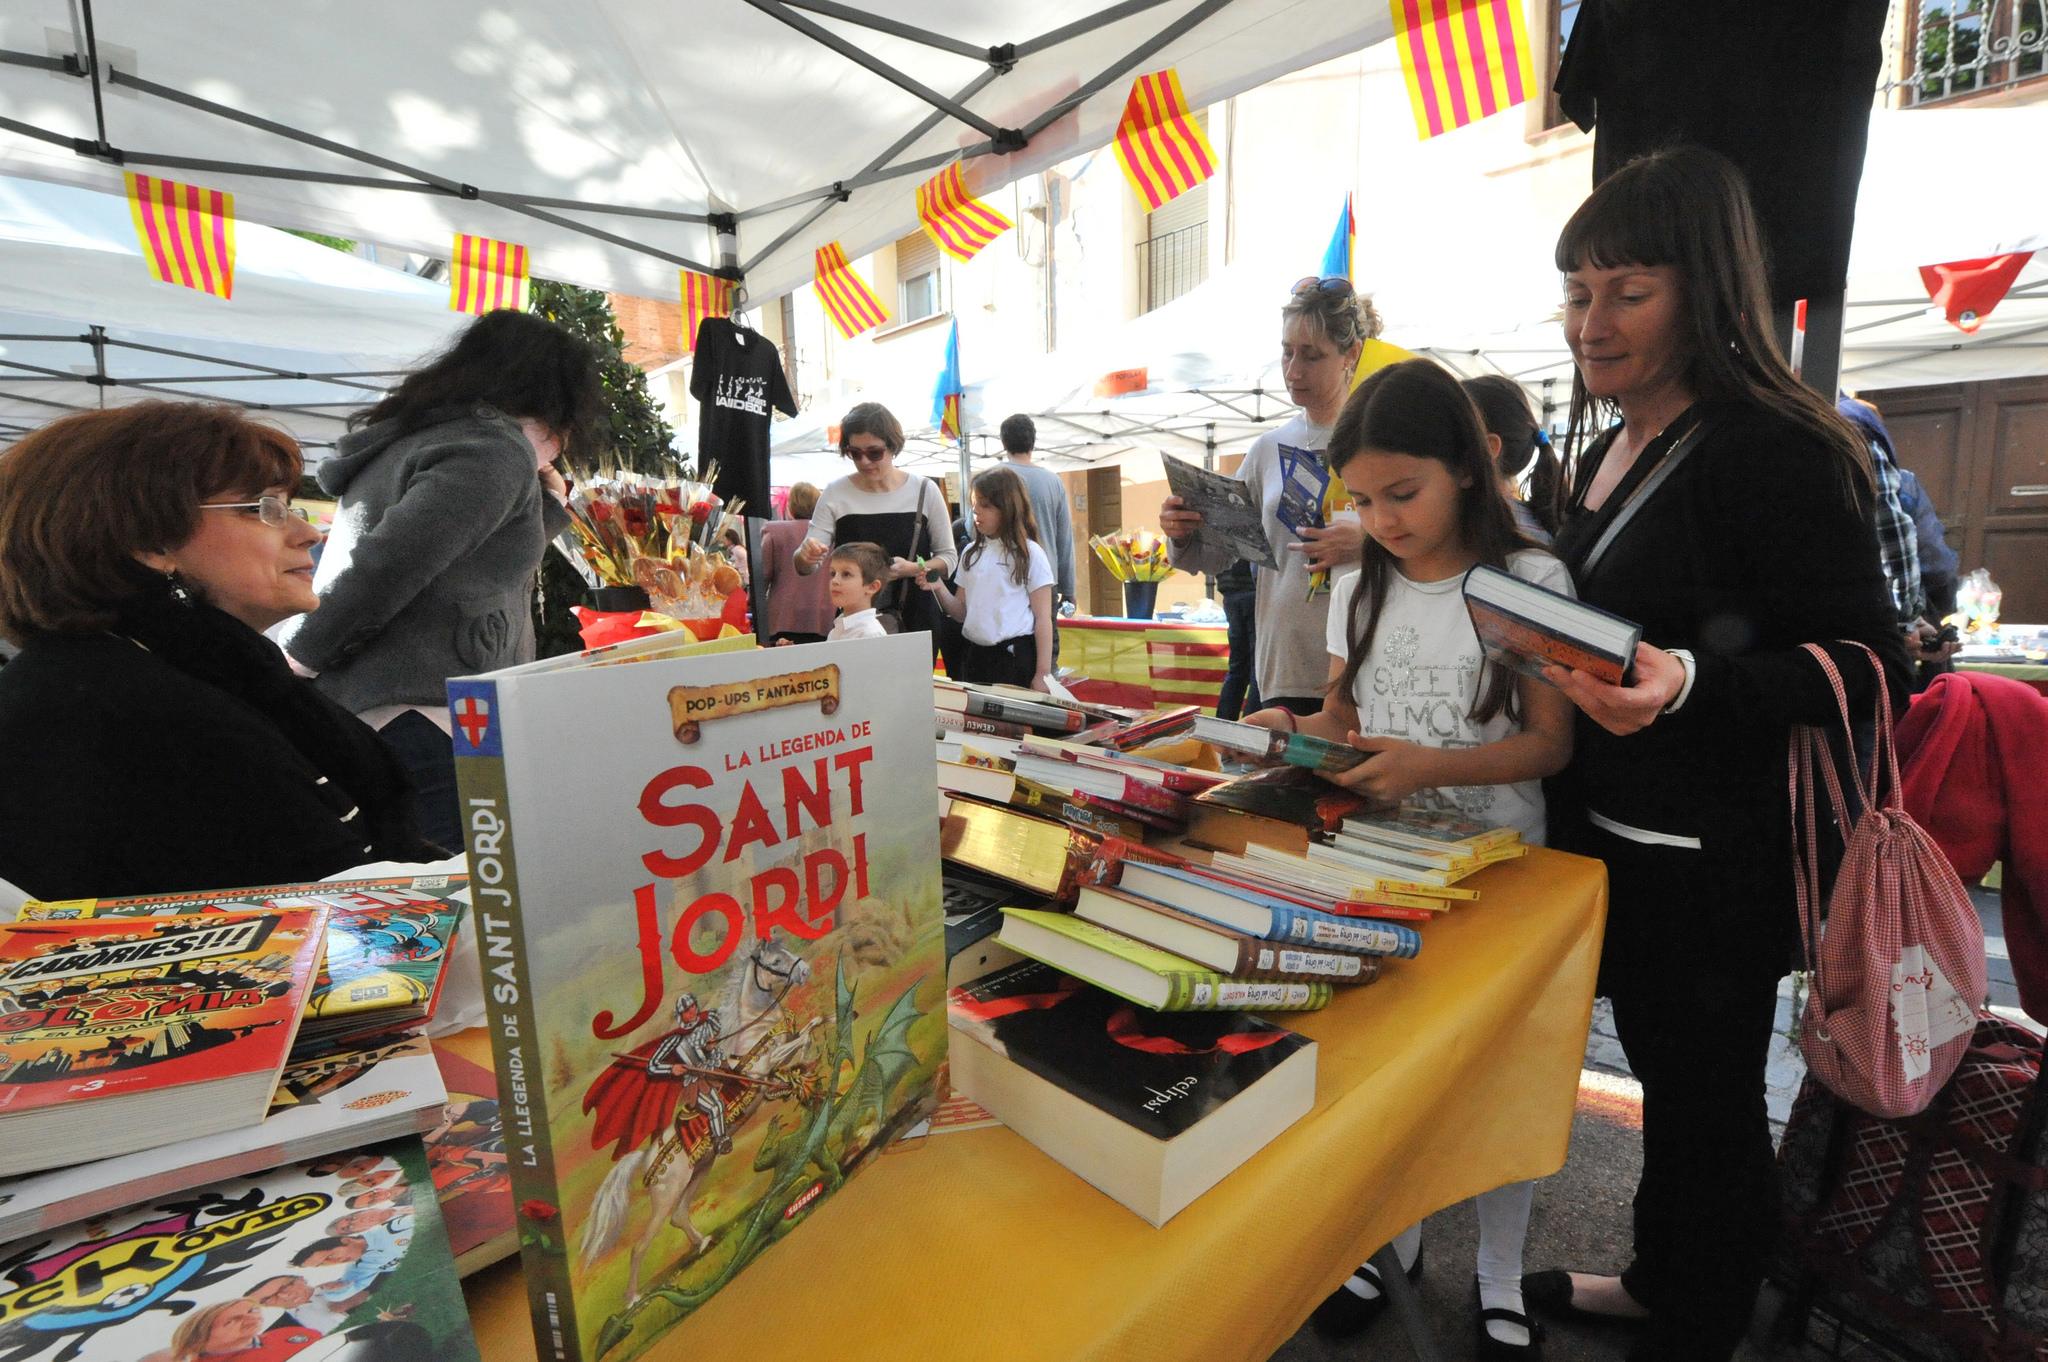 A book stall for Sant Jordi © Ajuntament d'Esplugues de Llobregat